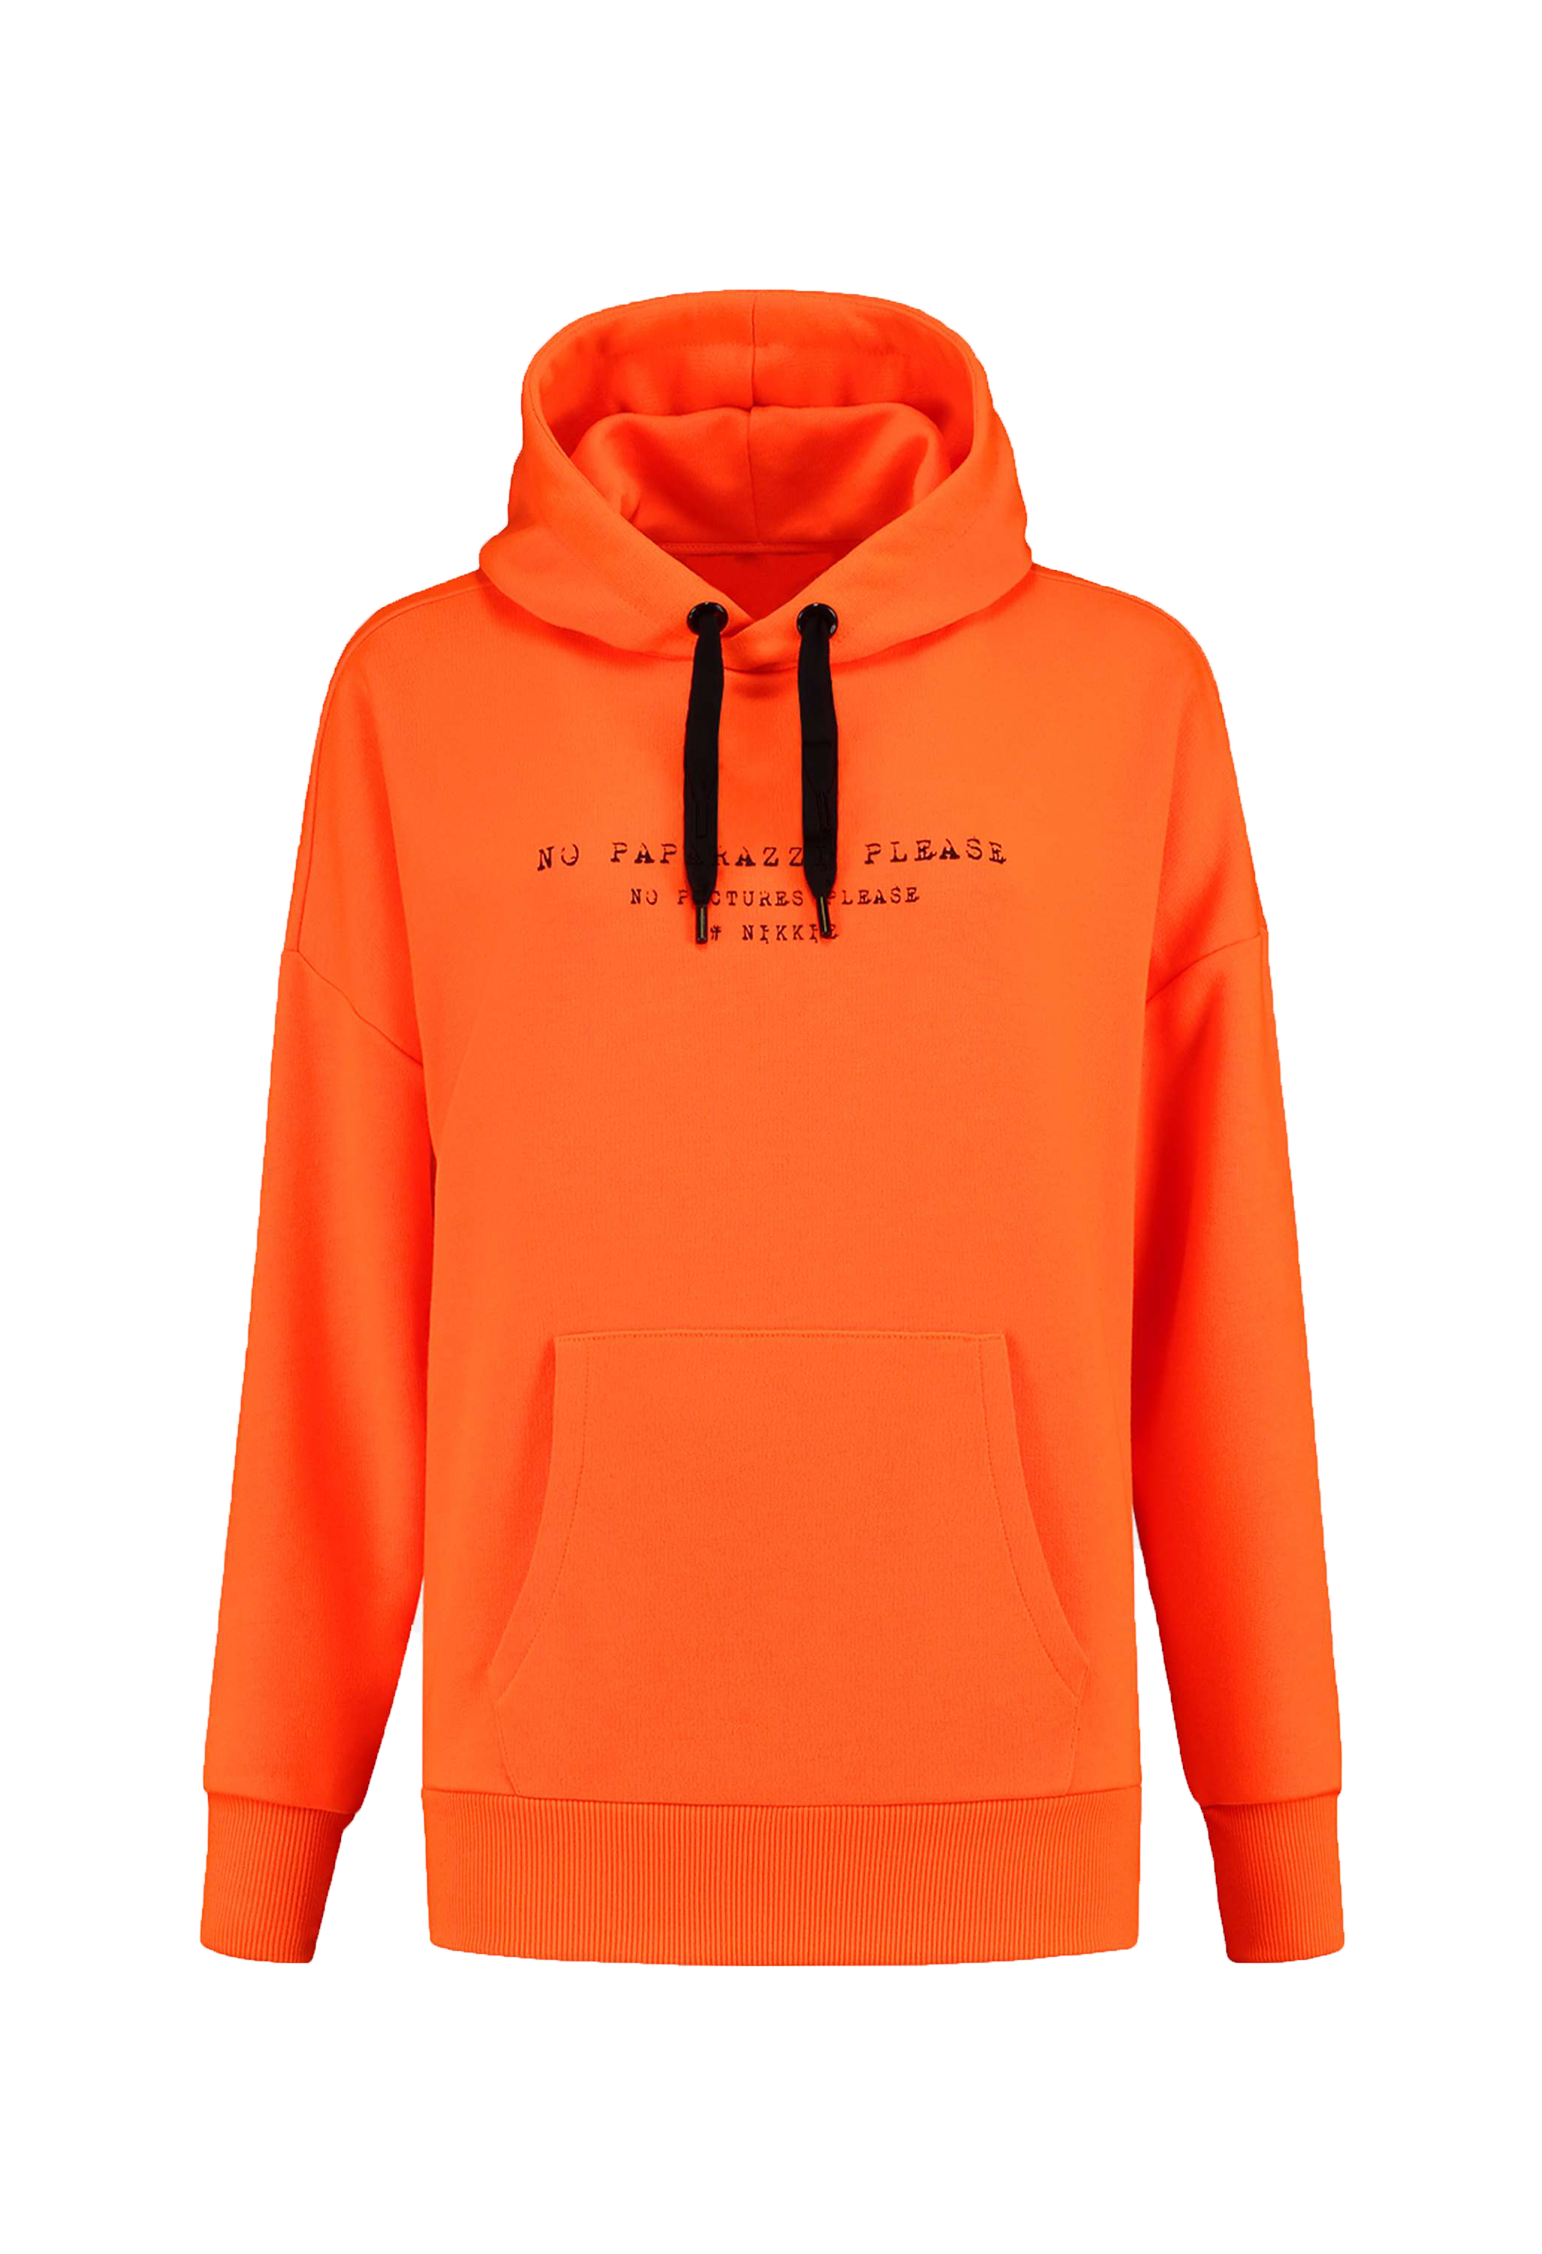 Oranje dames trui met tekst Nikkie - N8-850 2001 3514